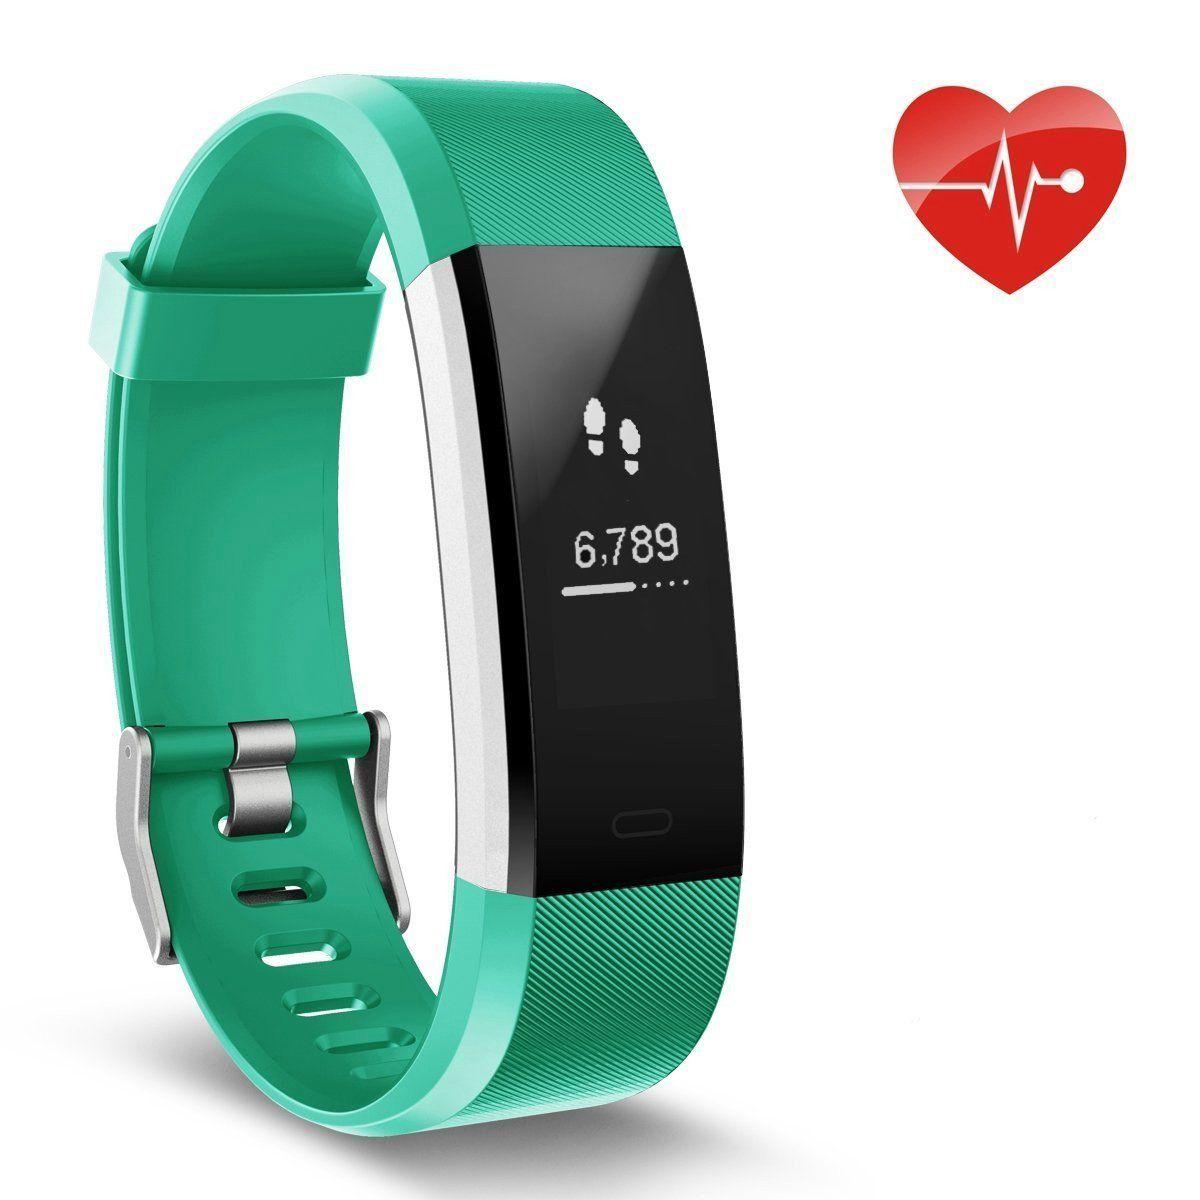 Herzfrequenz Monitor Ausun 115 Hr Plus Fitness Uhr Wasserdicht Ip67 Pulsuhren Aktivitats Tracker Mit Gps Schrittzahler Sch Fitness Armband Fitness Uhr Pulsuhr